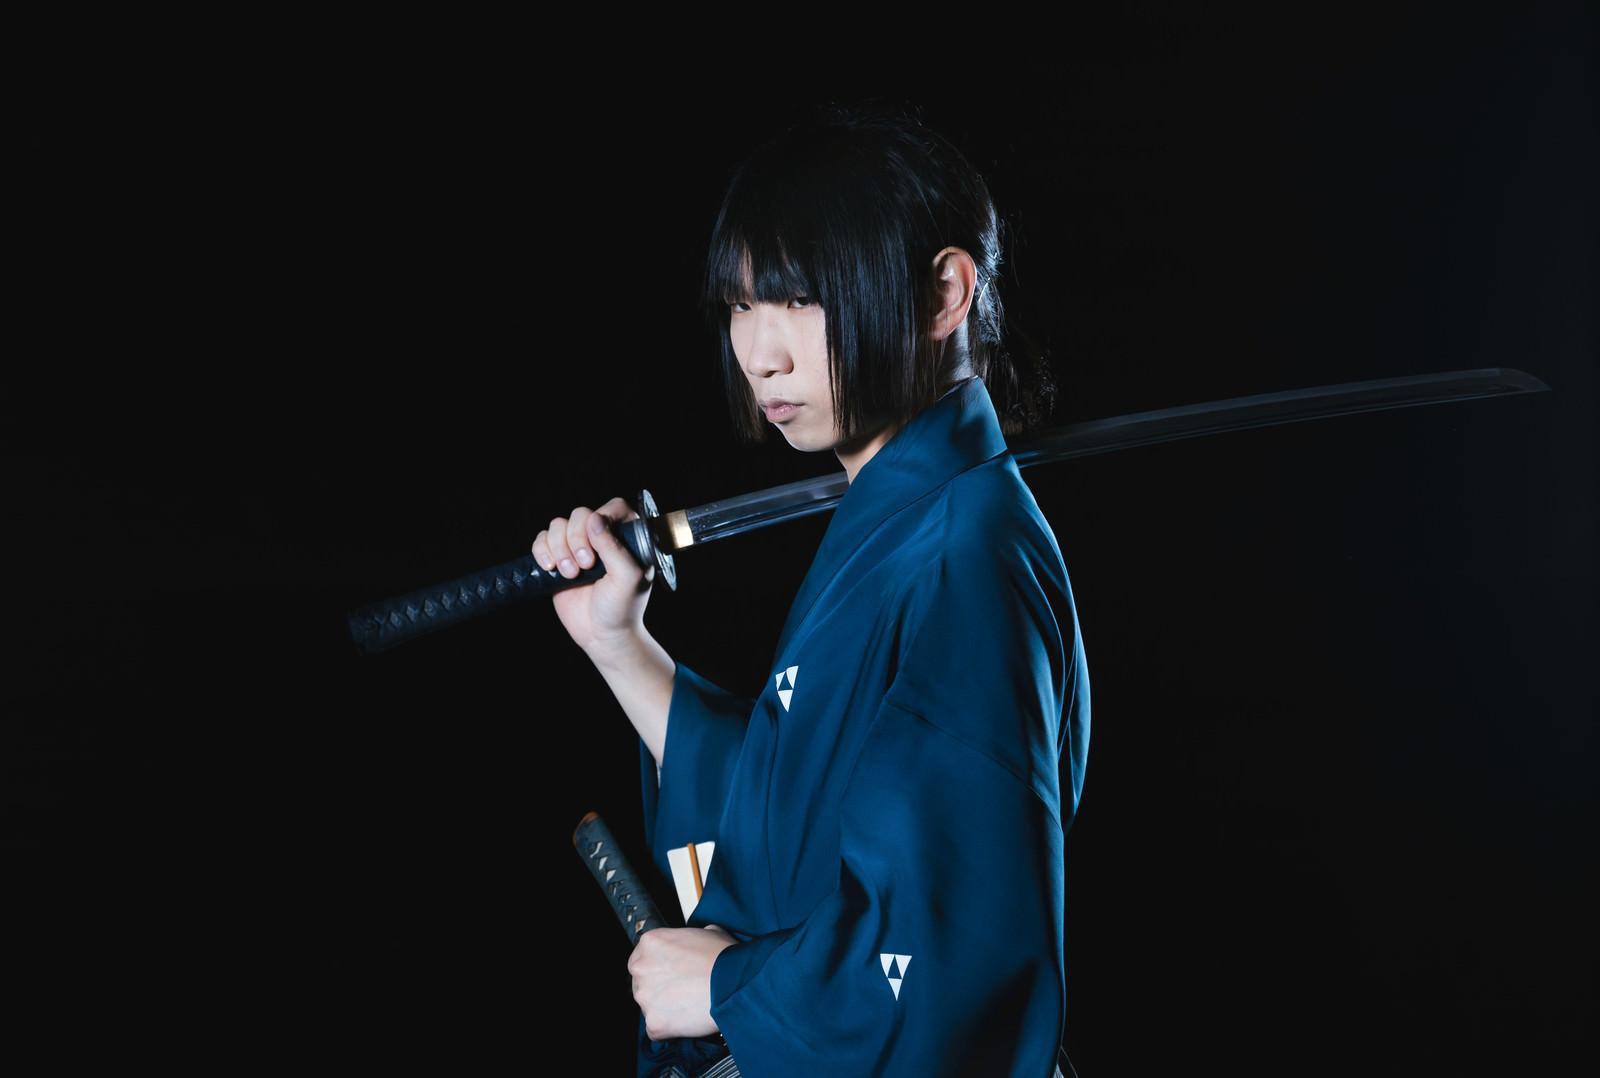 「暗闇の中で刀を担ぐ侍」の写真[モデル:まーこ]